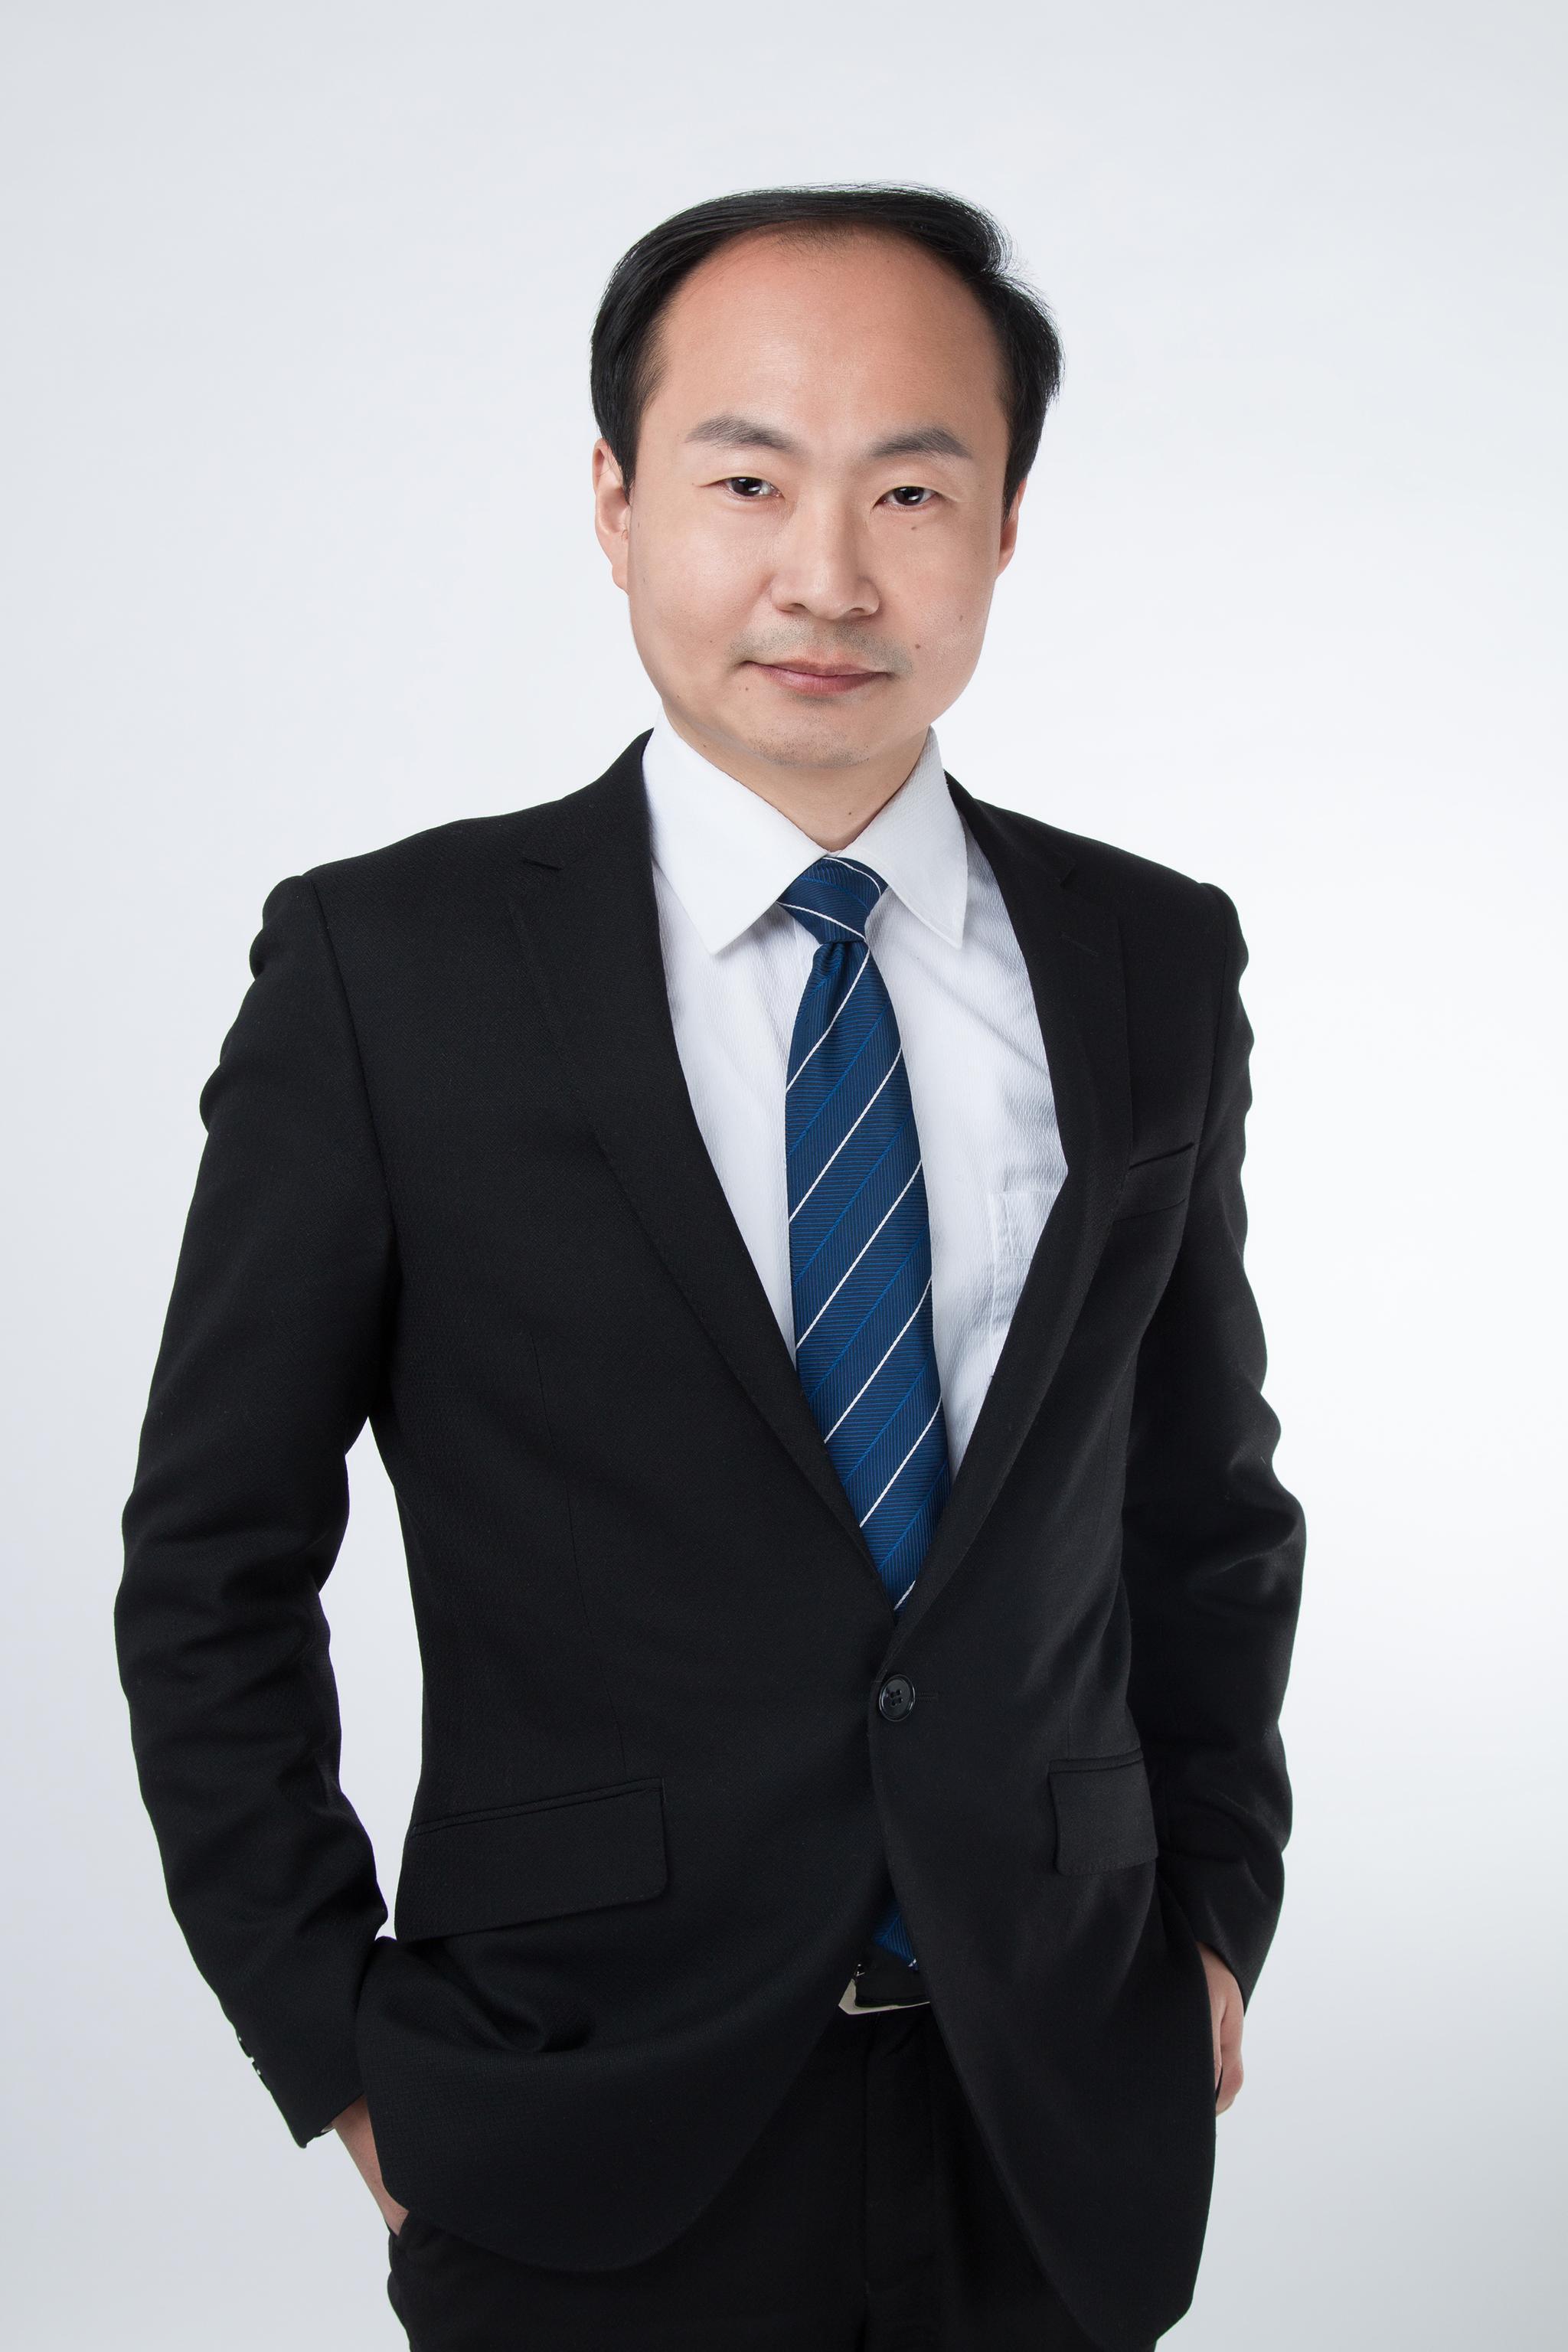 保时捷任命杨建伟出任上海浦东保时捷中心总经理